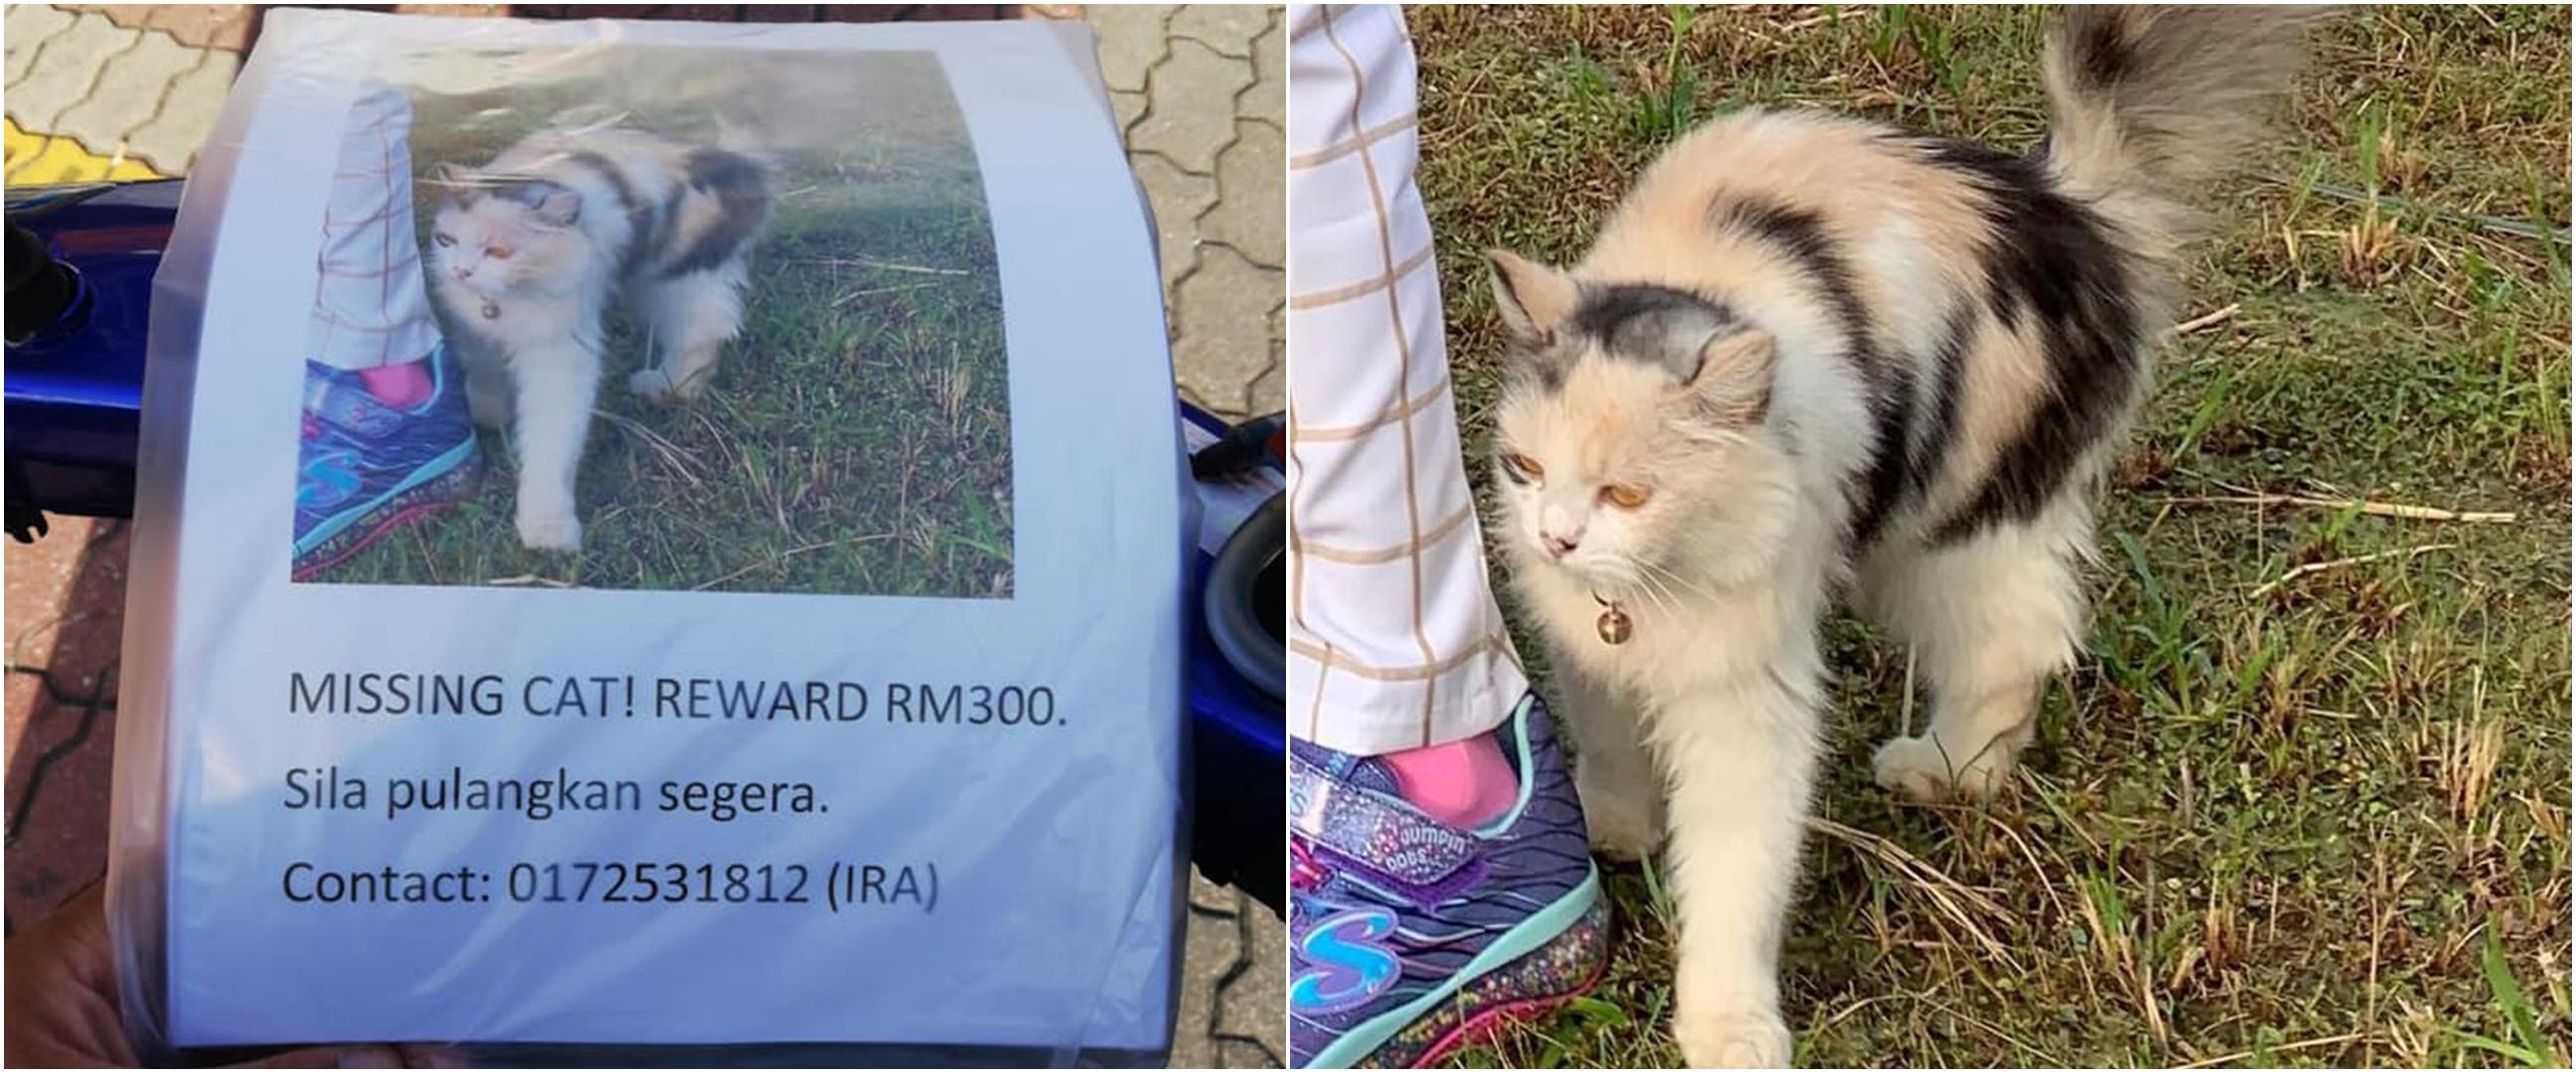 Momen anjing temukan kucing yang hilang, bikin salut sekaligus gemas